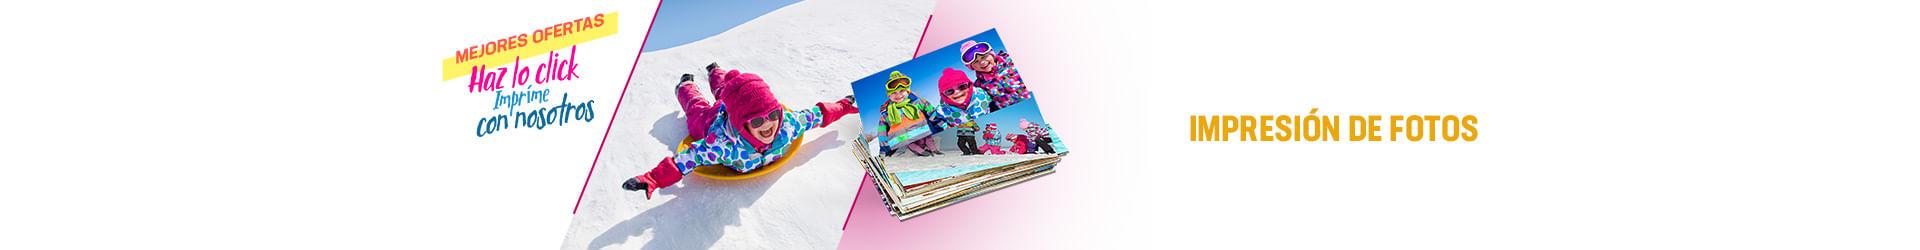 Fotos - Revelado de Fotos, Impresión de Fotos, Servicio Online | Phooto